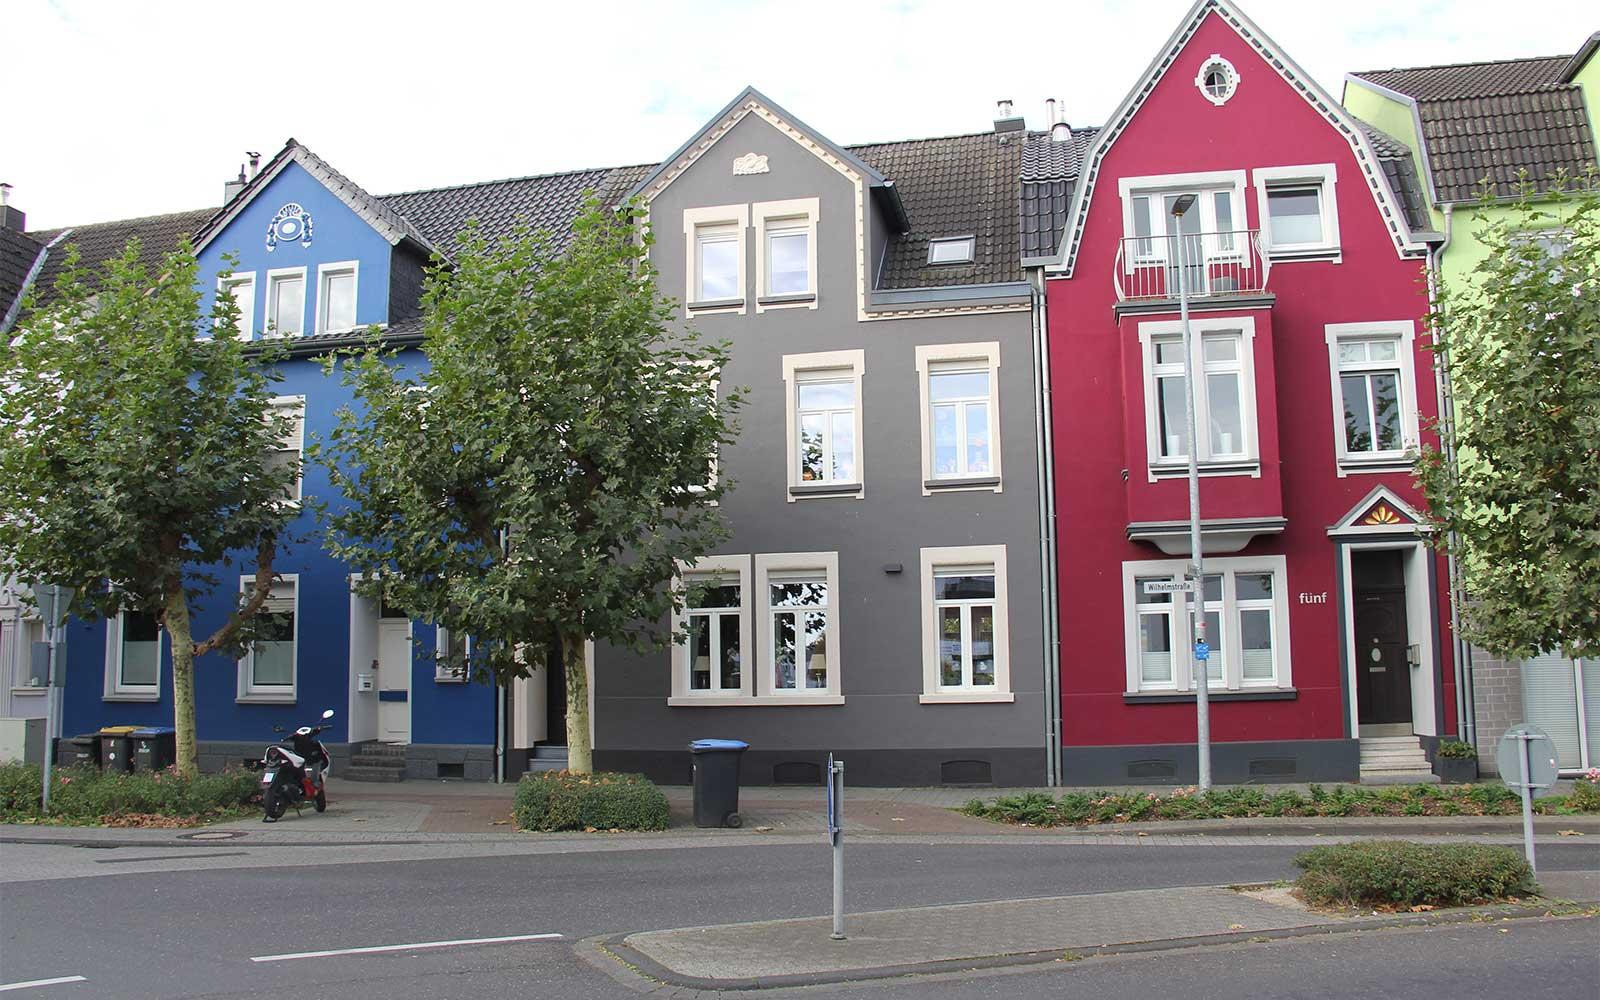 Positives Gestaltungsbeispiel Gebäude/stadtnahes Wohnen